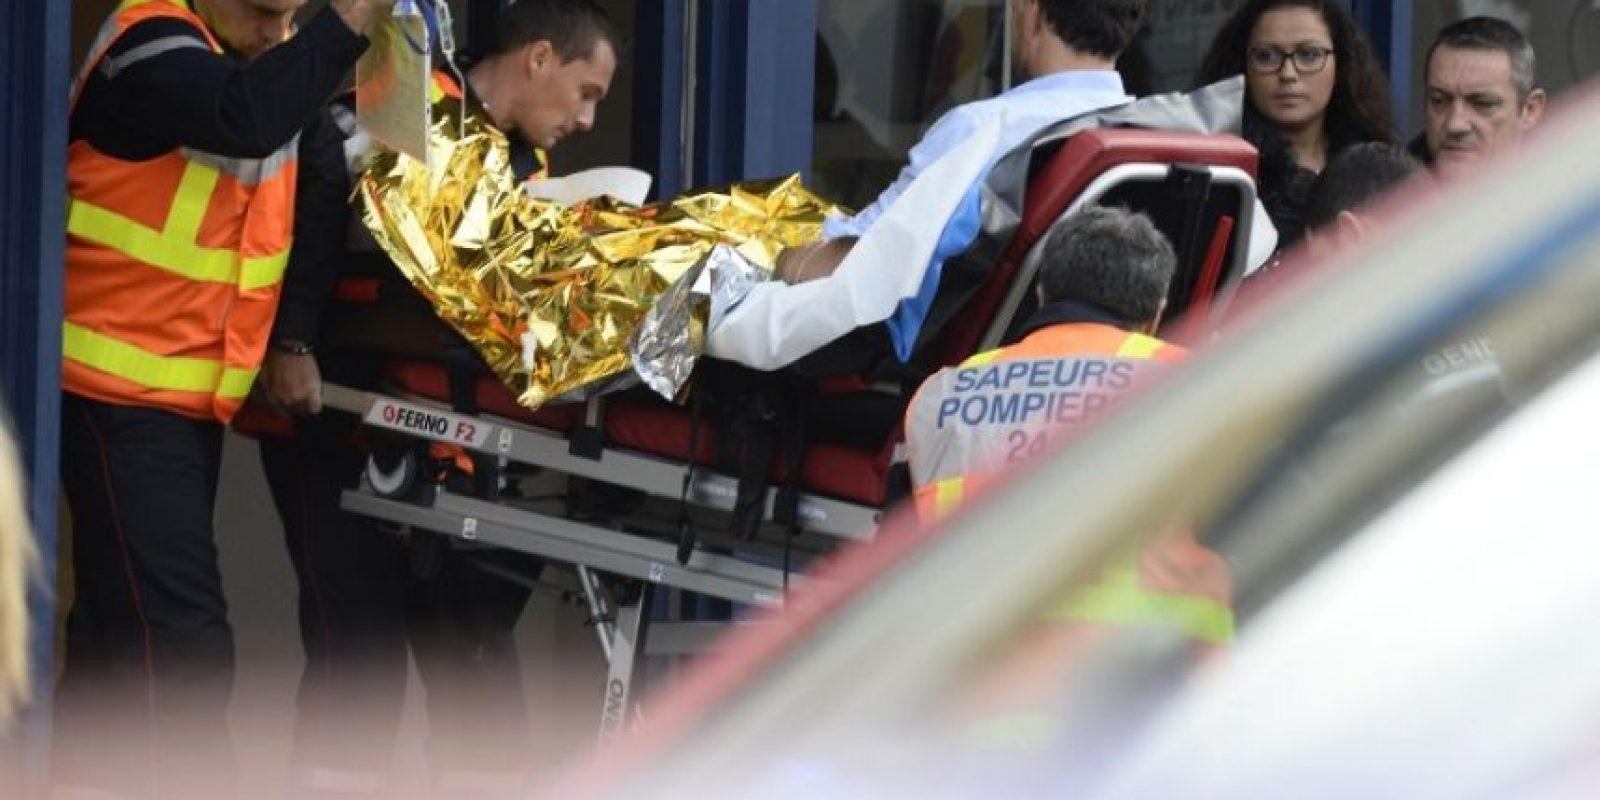 Aún se continúan investigando las causas del accidente, pero se cree que el conductor del camión perdió el control y atravesó al otro lado de la carretera. Foto:AFP